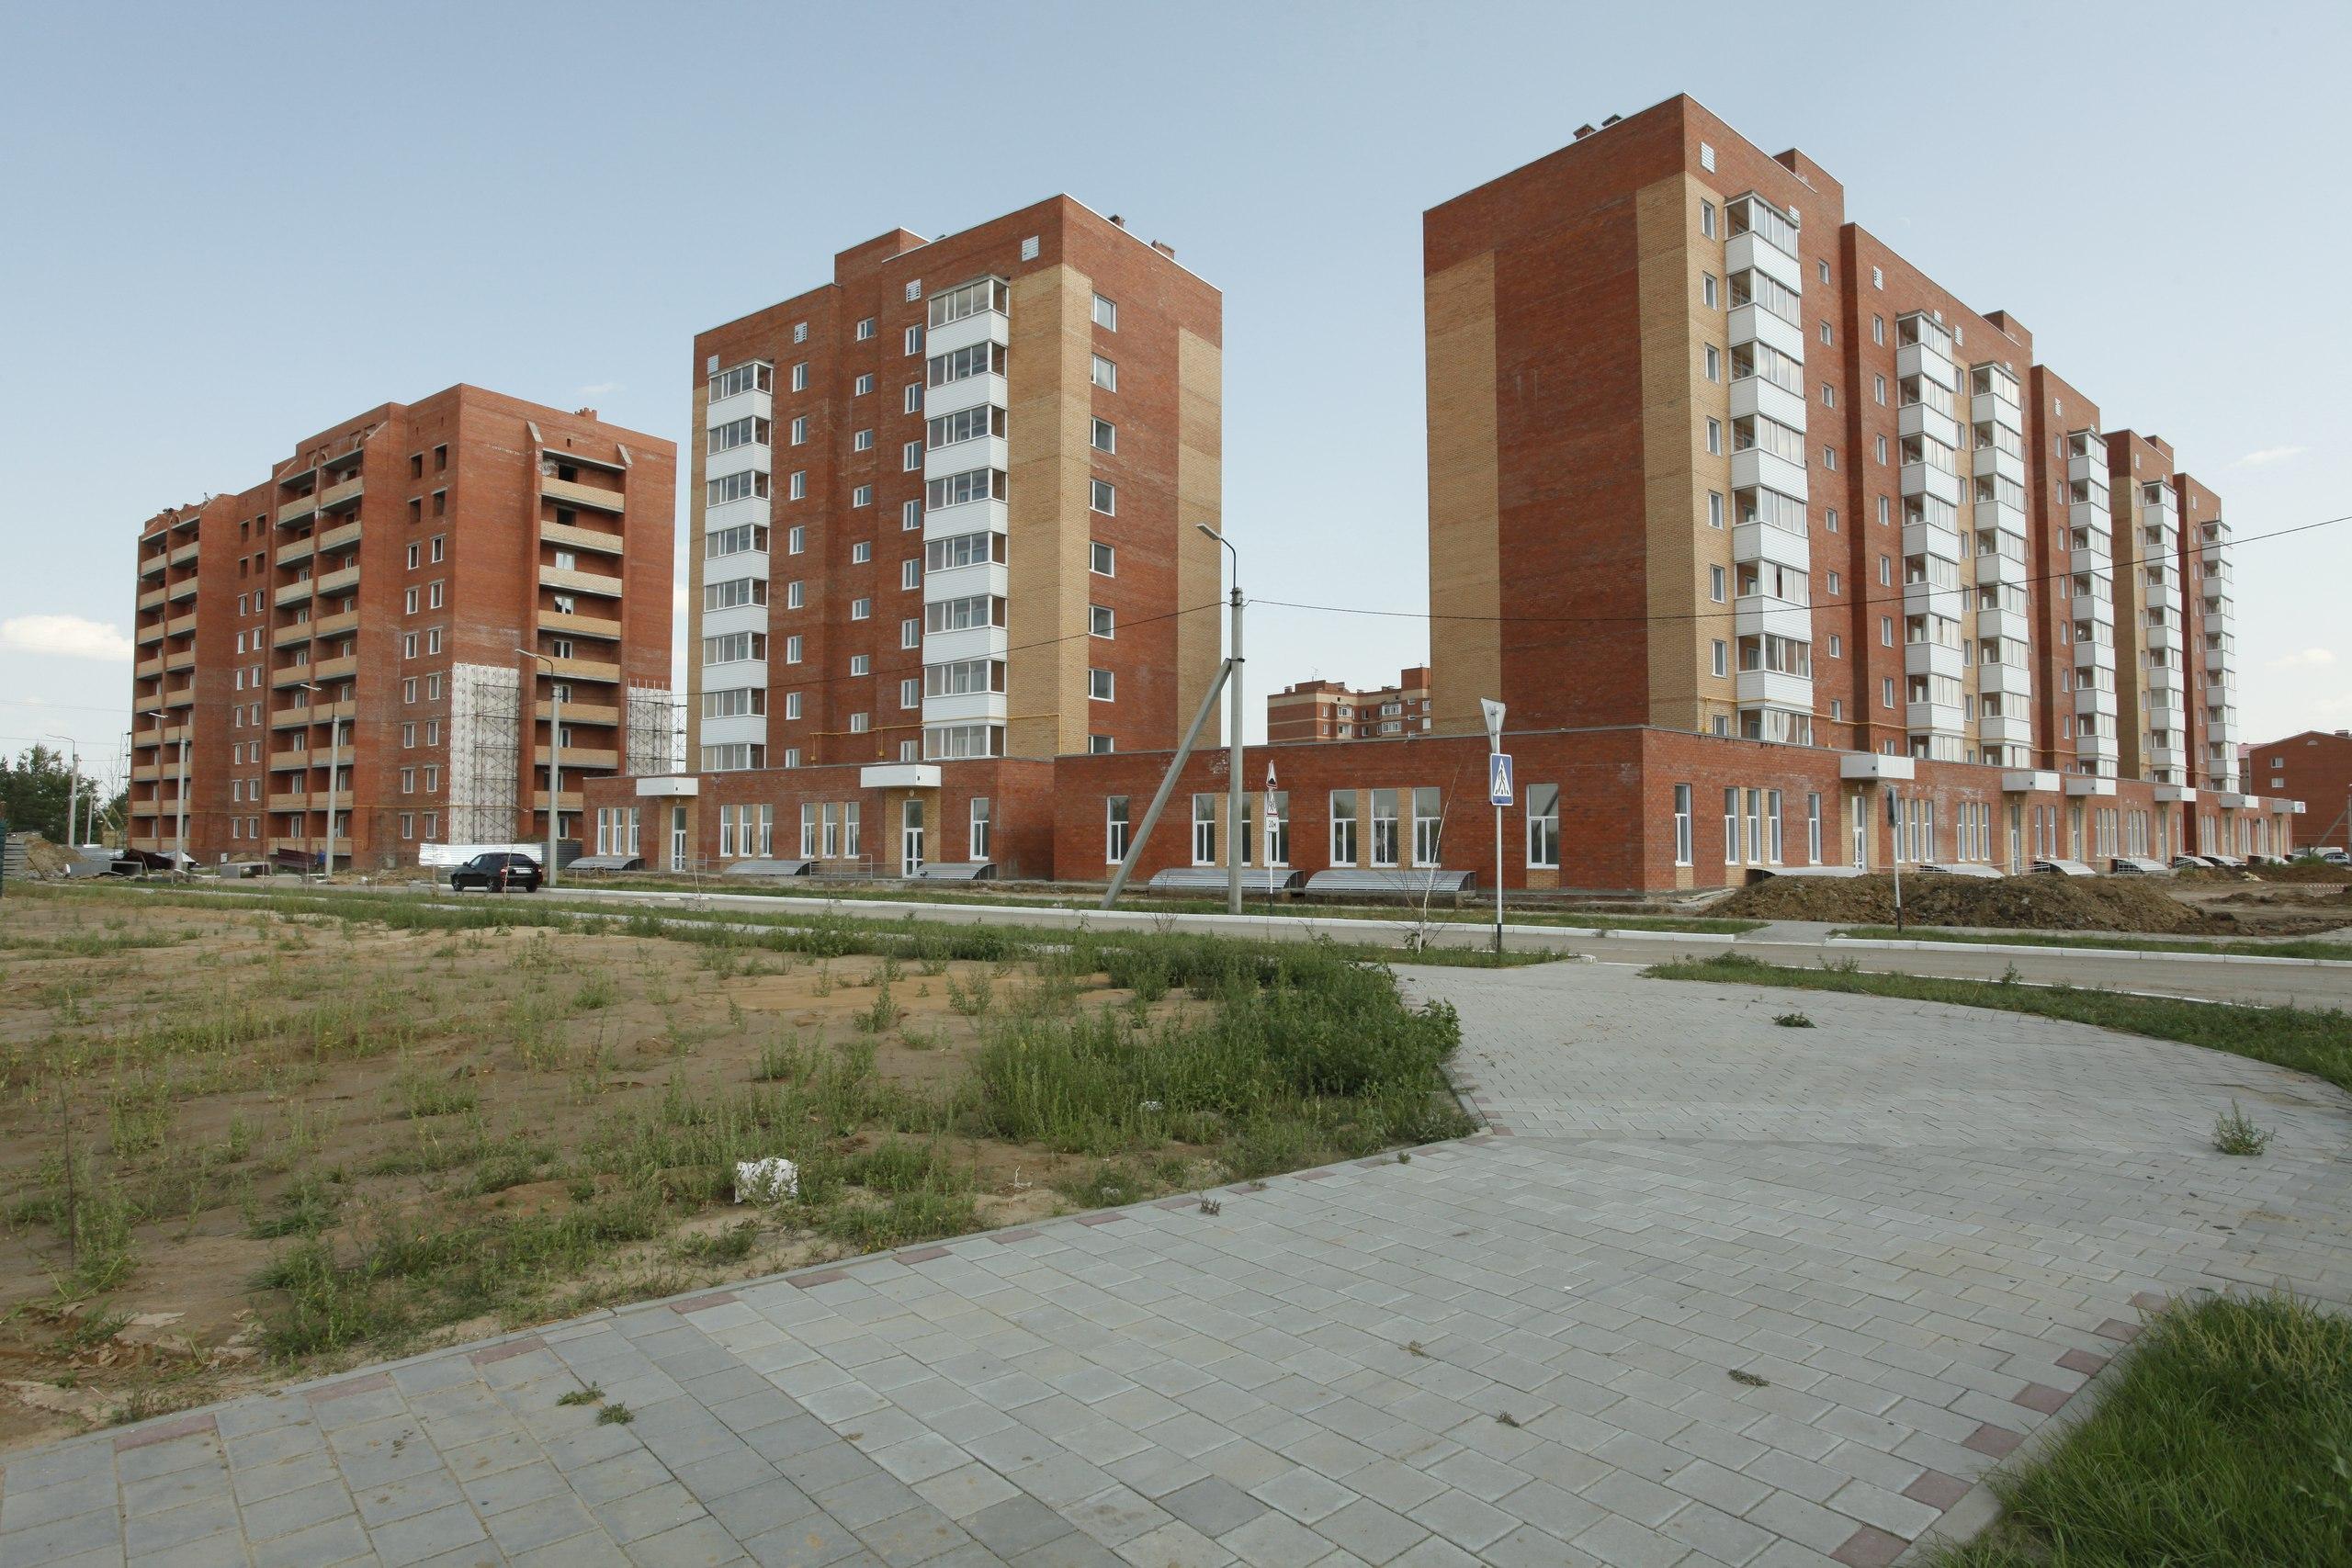 Возведение и реализация жилья происходит через МИО